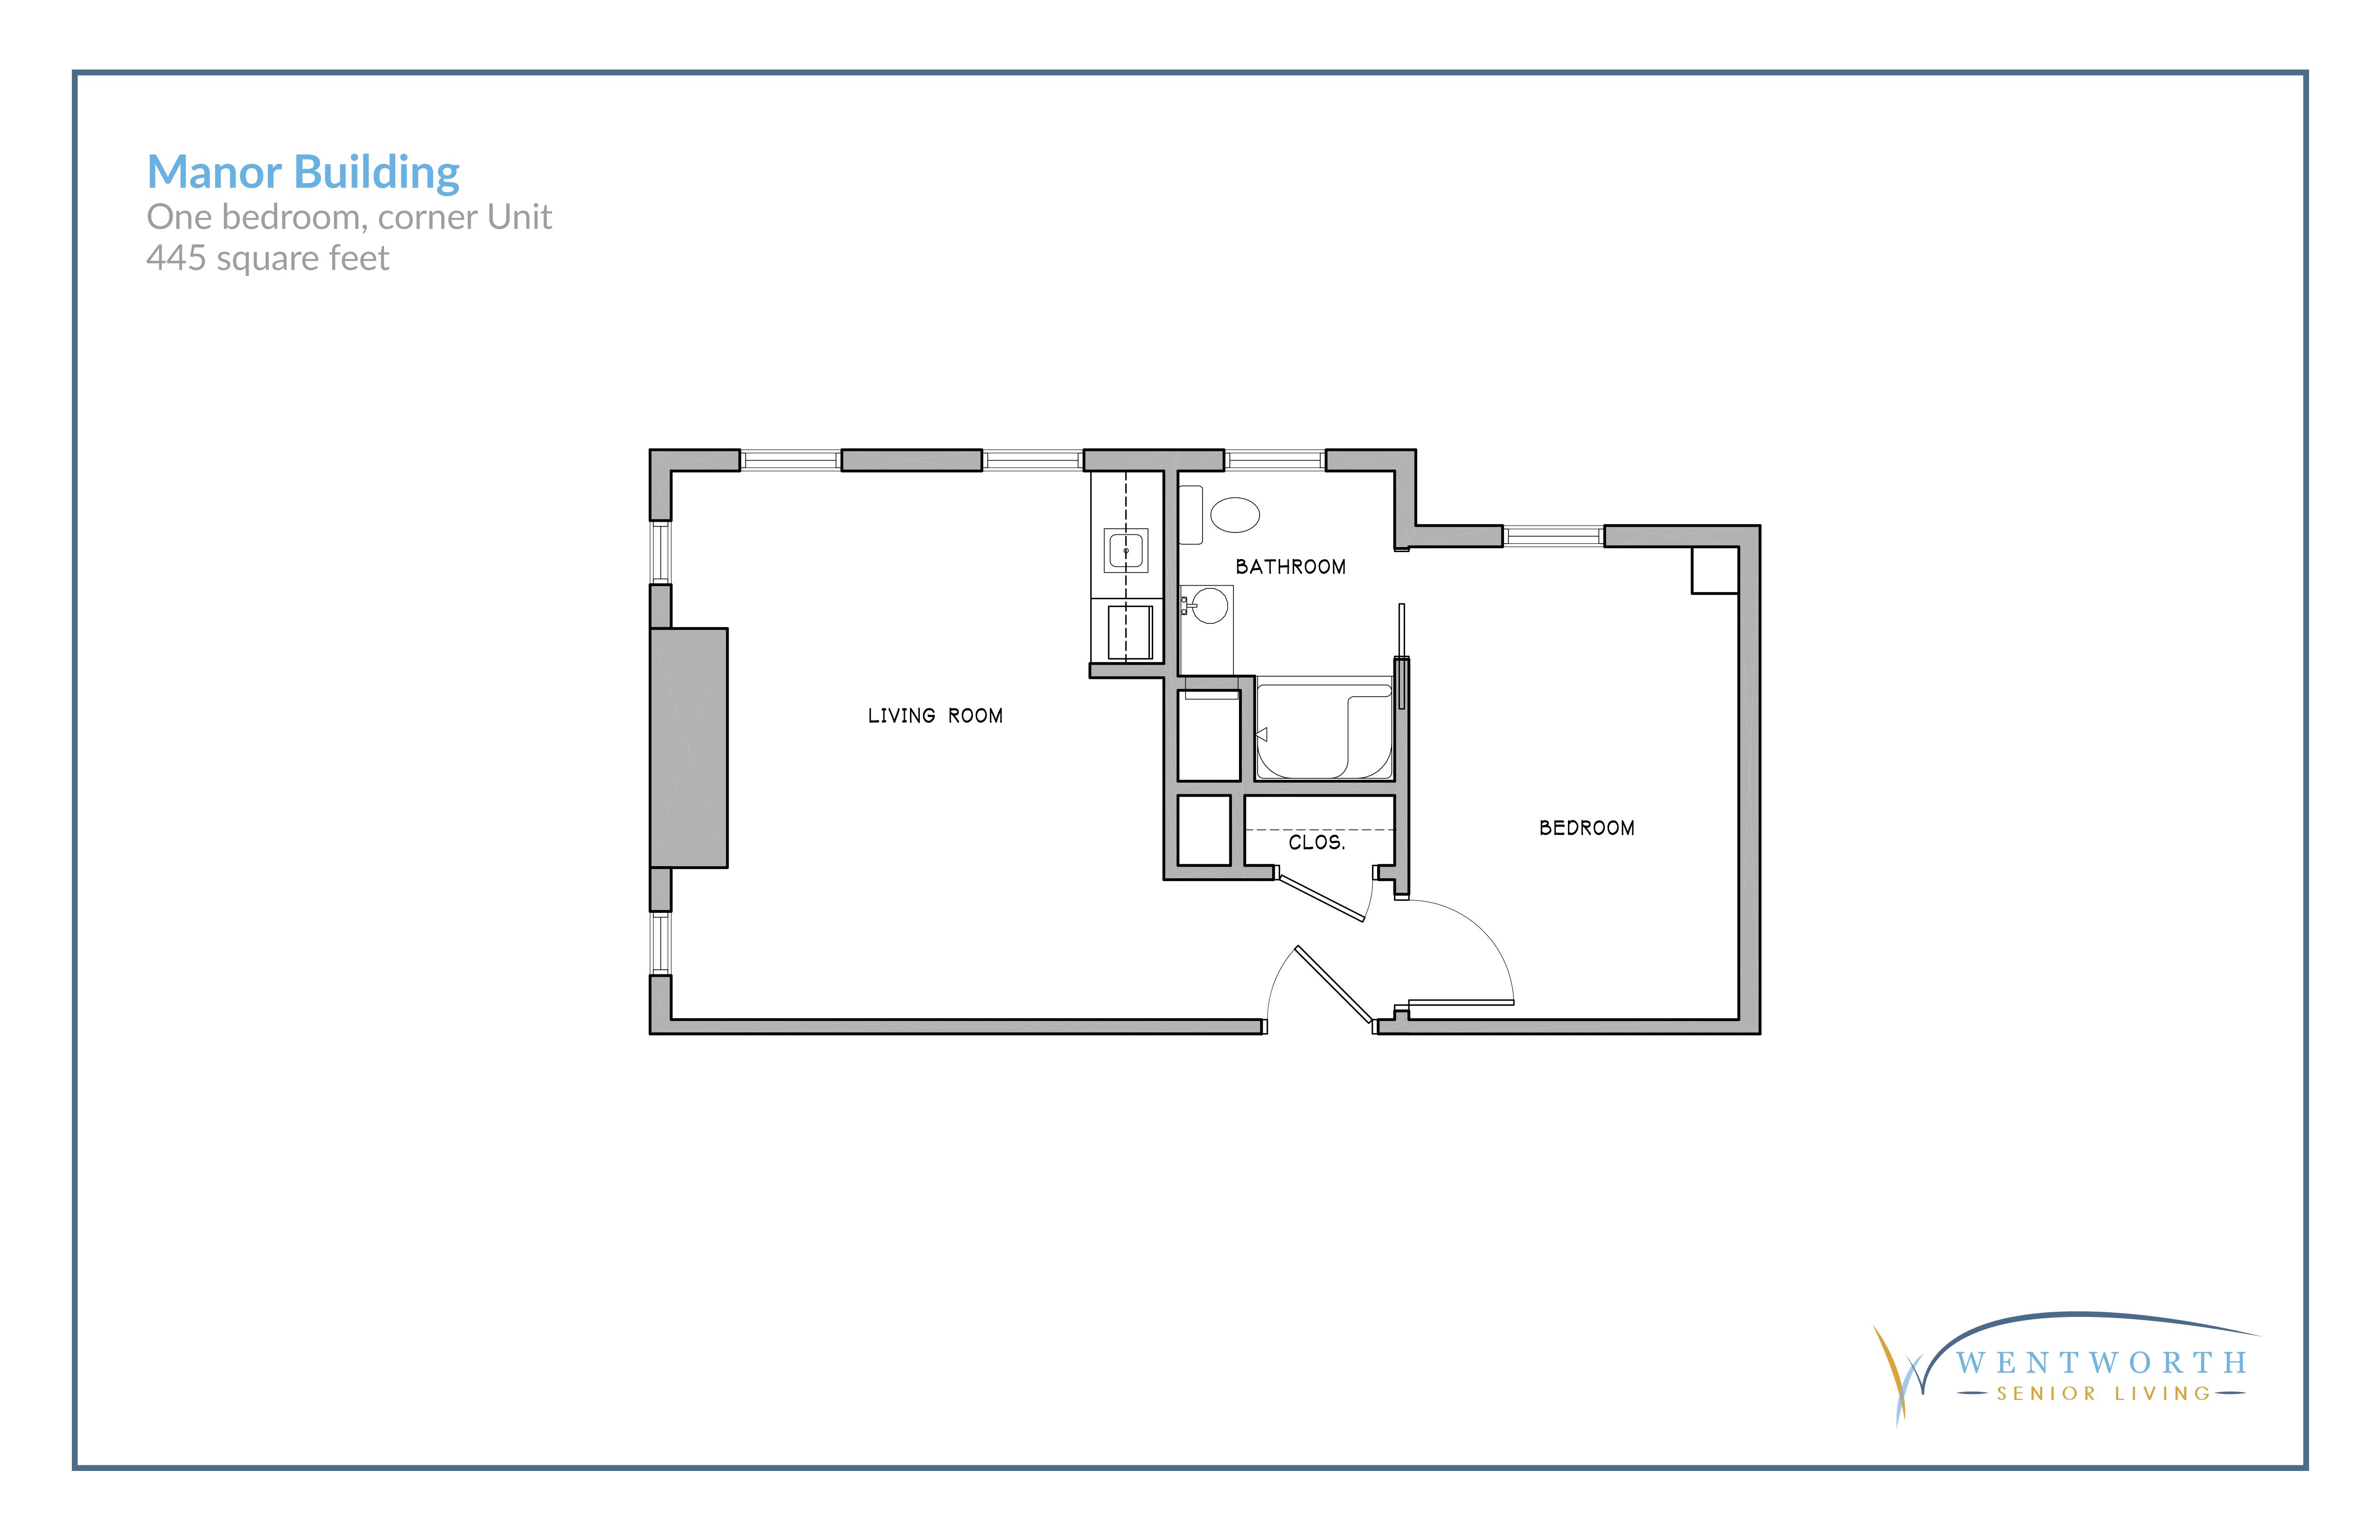 Floor plan for one bedroom corner unit.